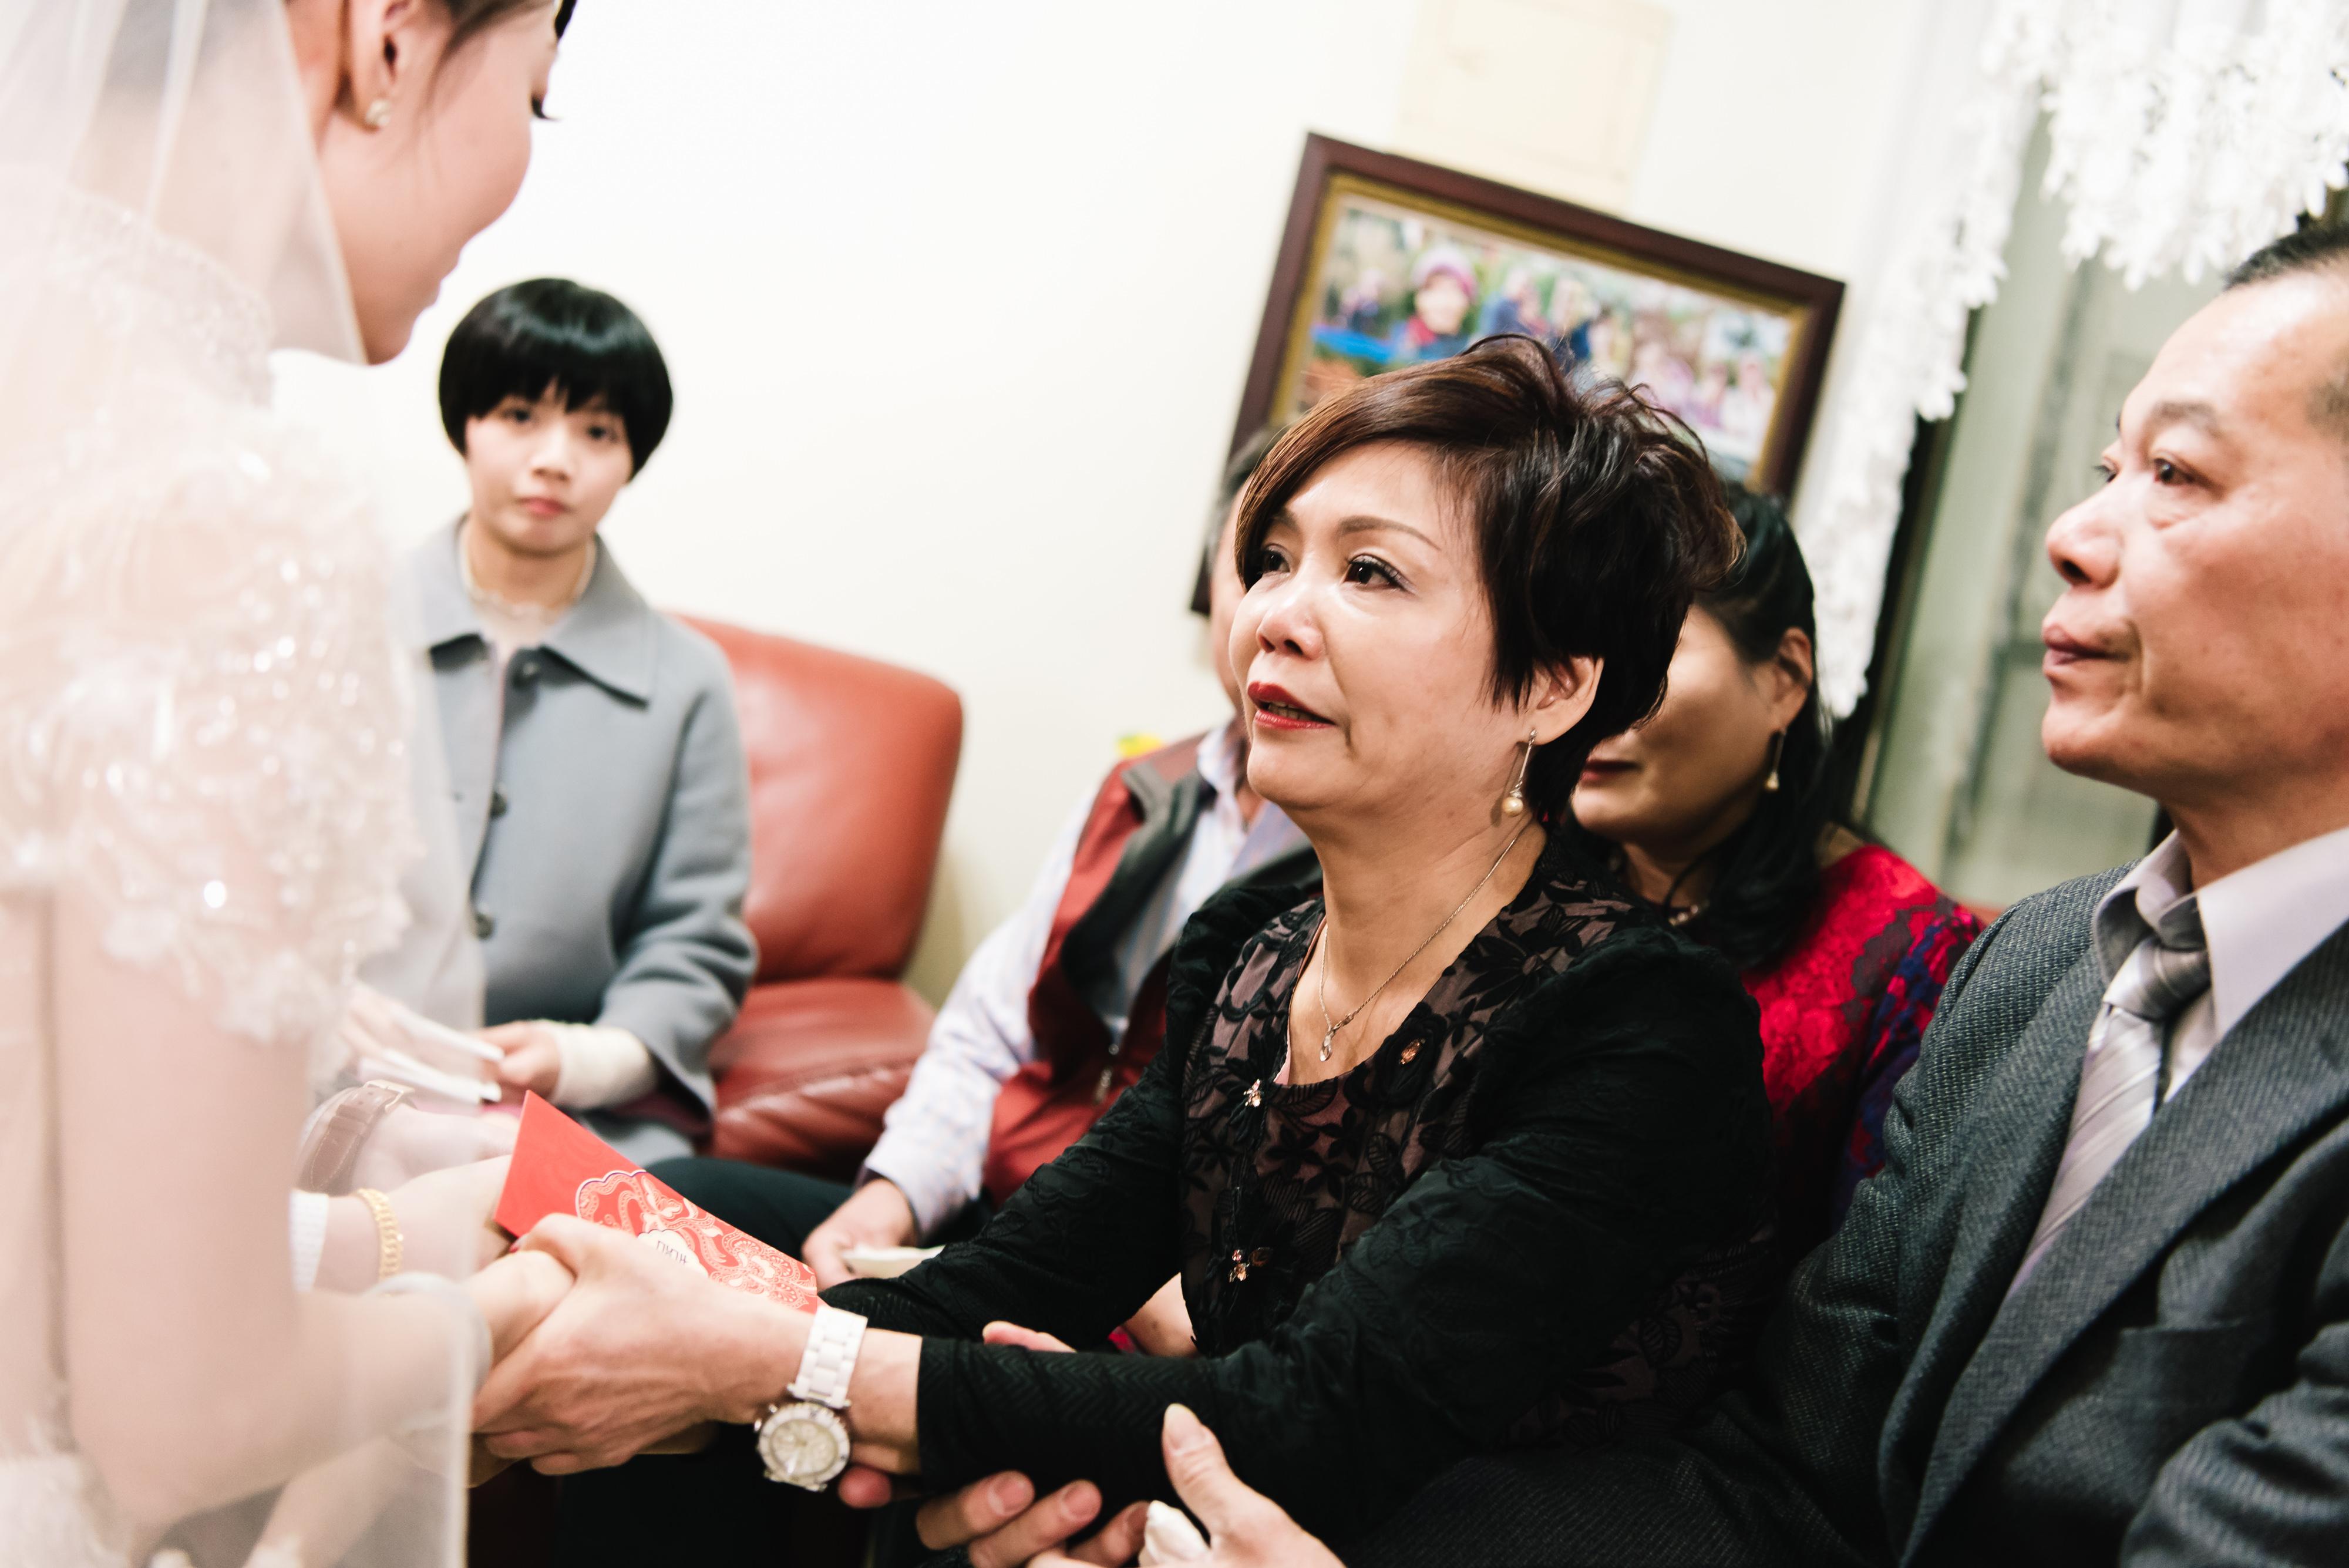 桃園婚攝BAO 士裕+詠甯 訂結奉茶迎娶婚禮 桃園鉑宴會館